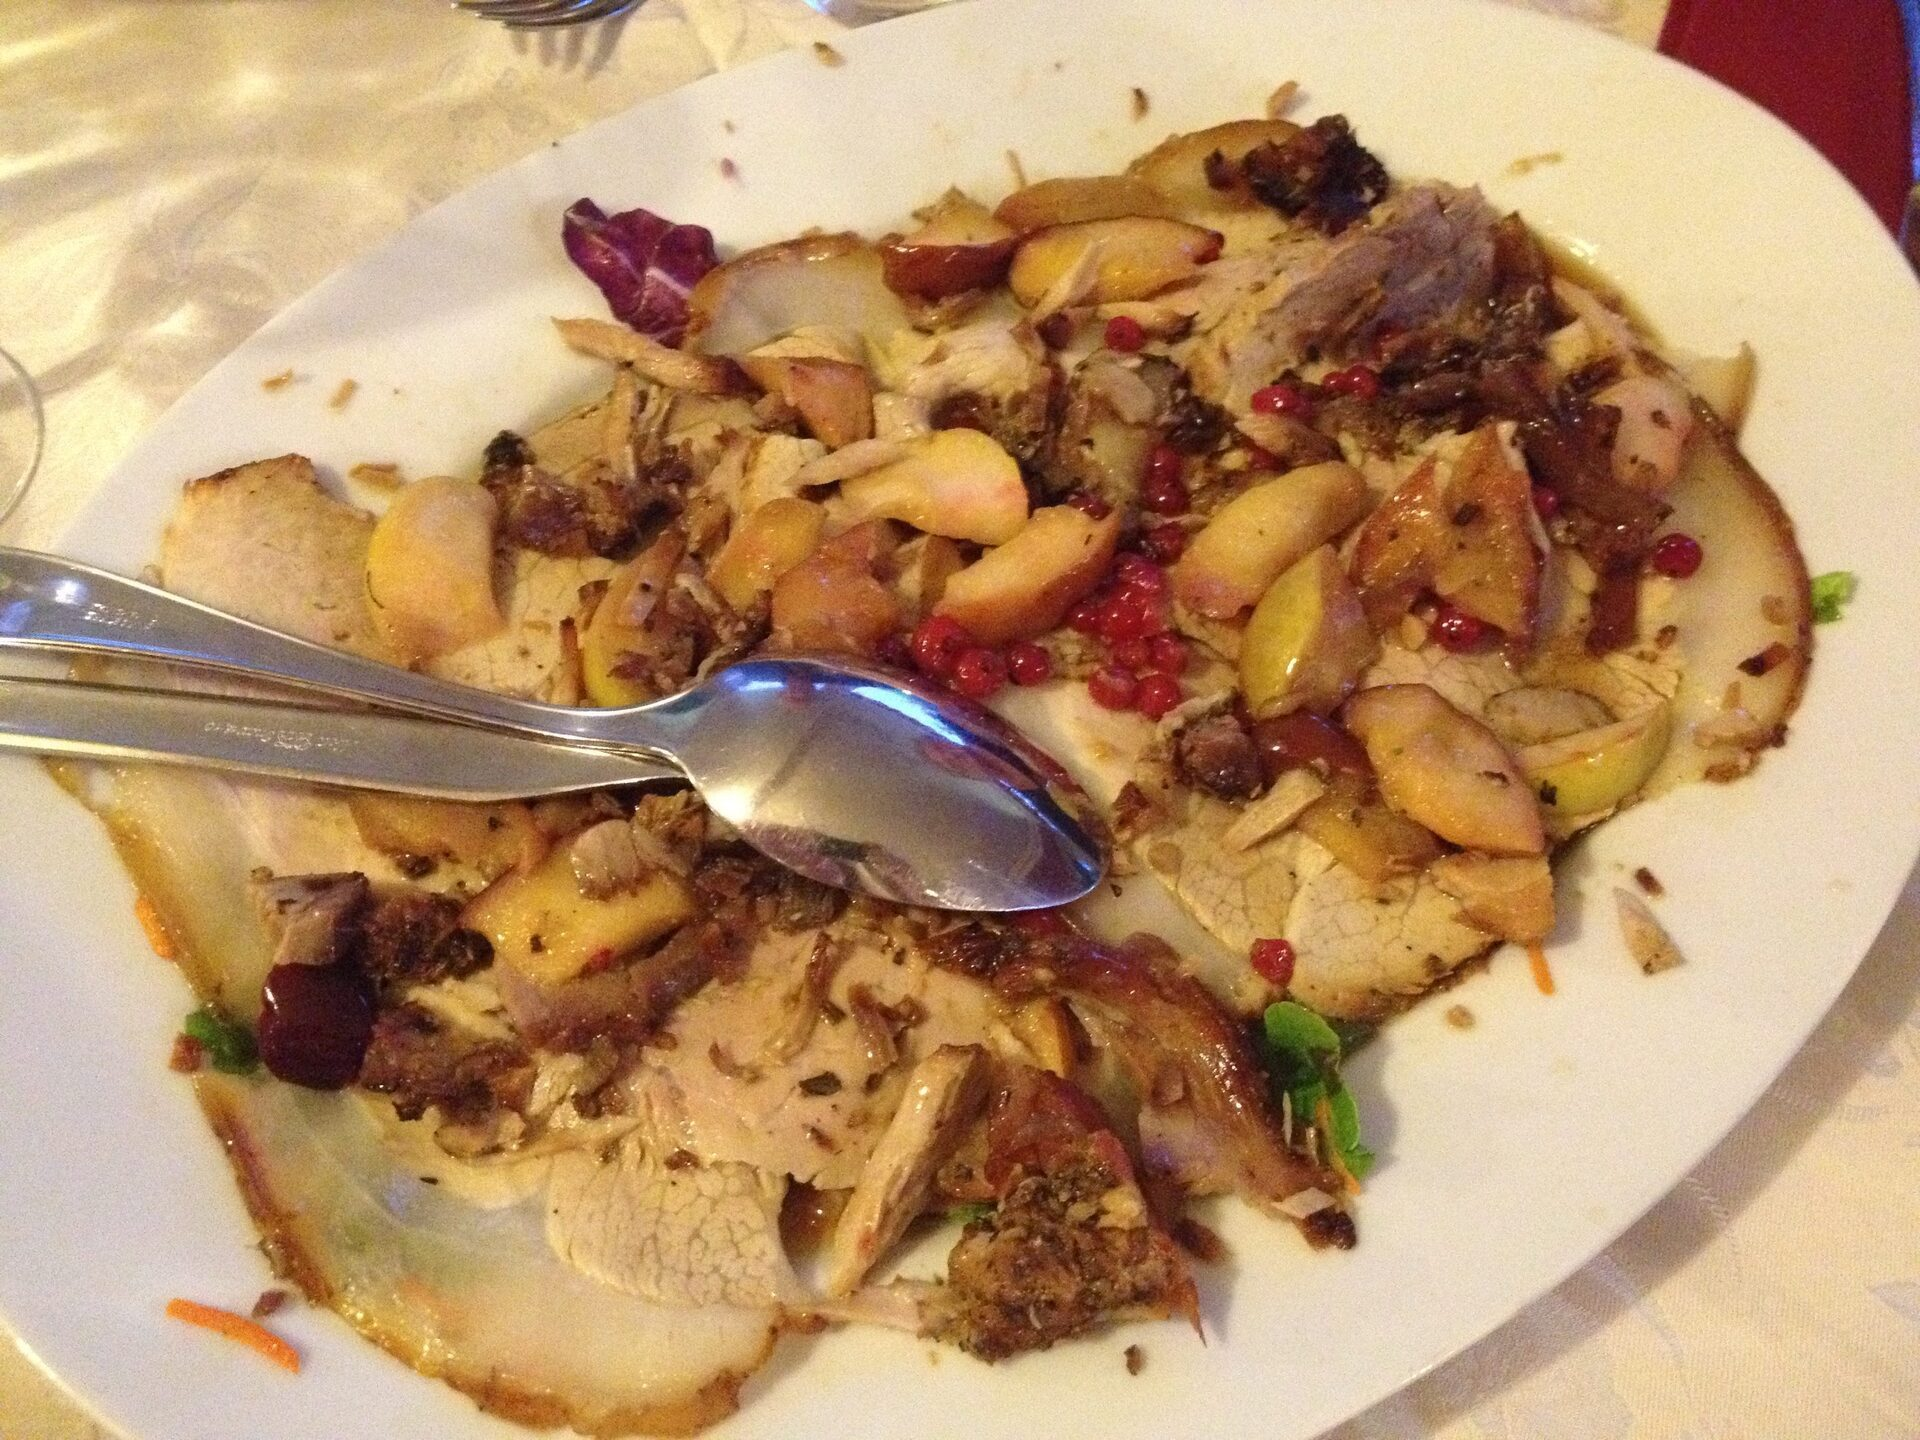 Dove mangiare senza glutine agriturismo vicino riccione - Cosa devo mangiare per andare in bagno ...